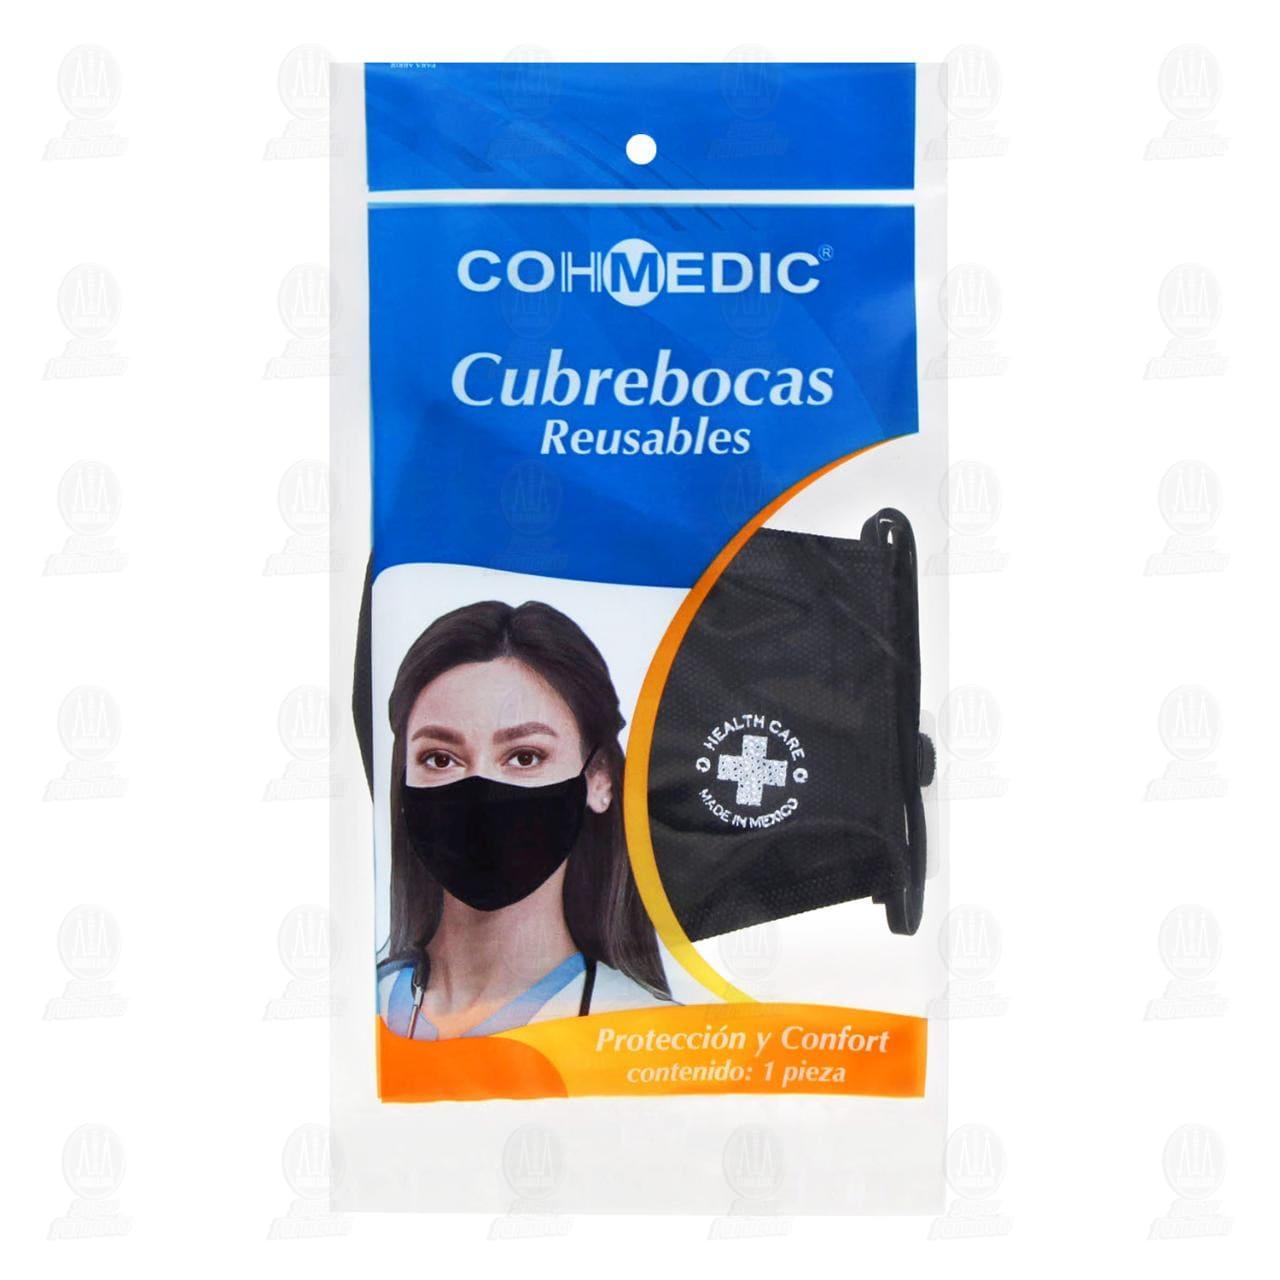 Comprar Cubrebocas Cohmedic Reusable 1pz en Farmacias Guadalajara